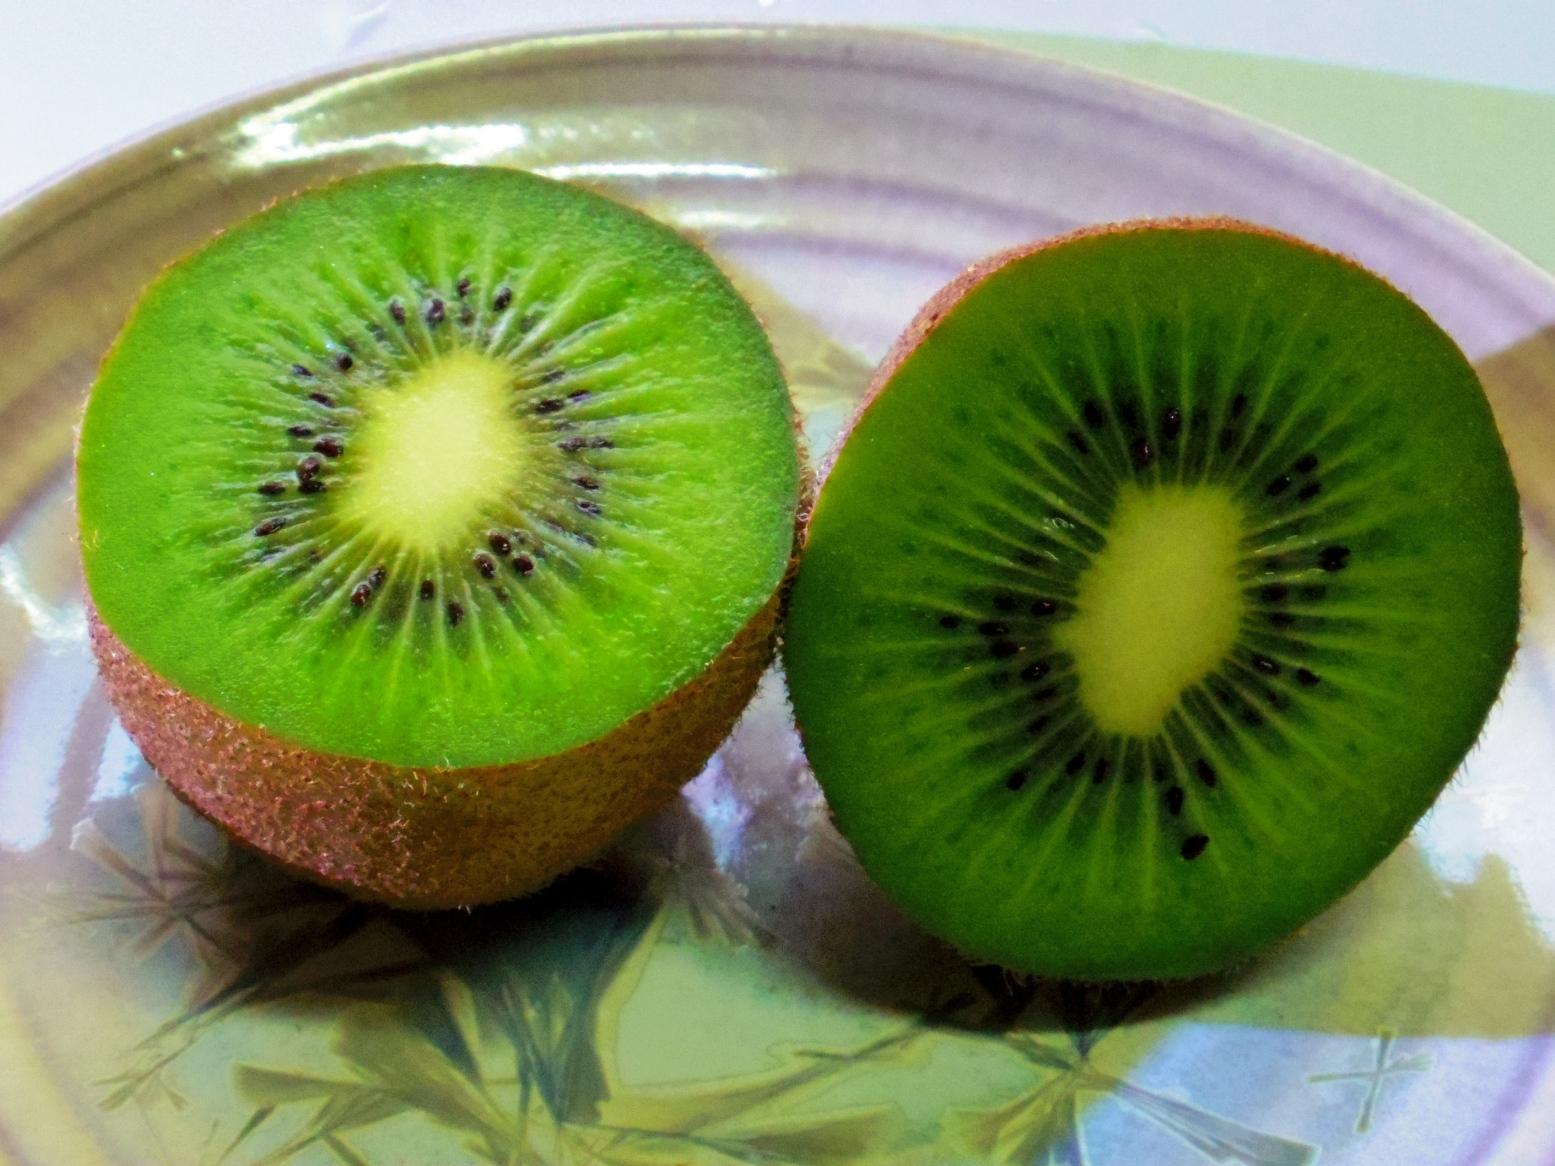 追熟完了。お好みの硬さ、甘さにして、お召し上がりください。半分に切り、スプーンですくって食べるのが、めんどくさくもなく食べやすいと思います。写真くらい追熟すると甘くなります。もう少ししっかりした食べごたえ、酸味がほしい方はもう少し前に追熟をやめて食べると、普通に販売しているくらいになります。